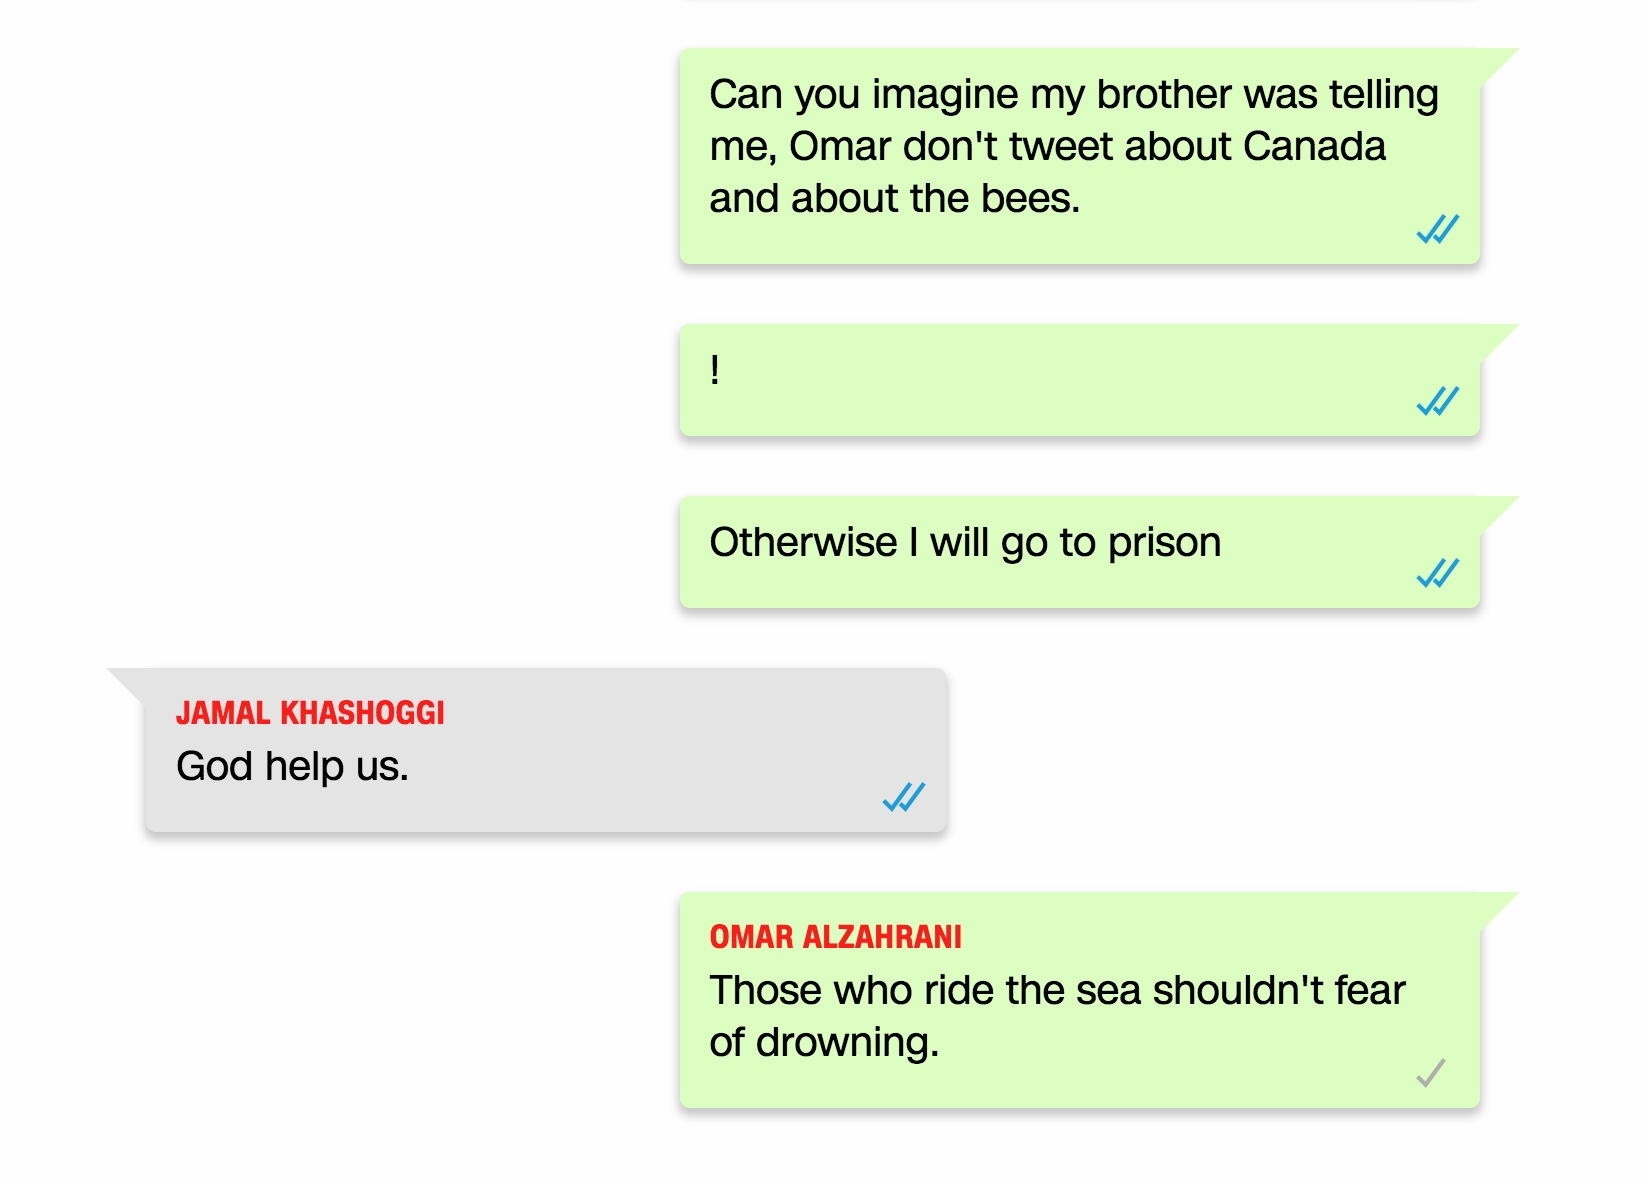 Khashoggi_text-capture_god help us.